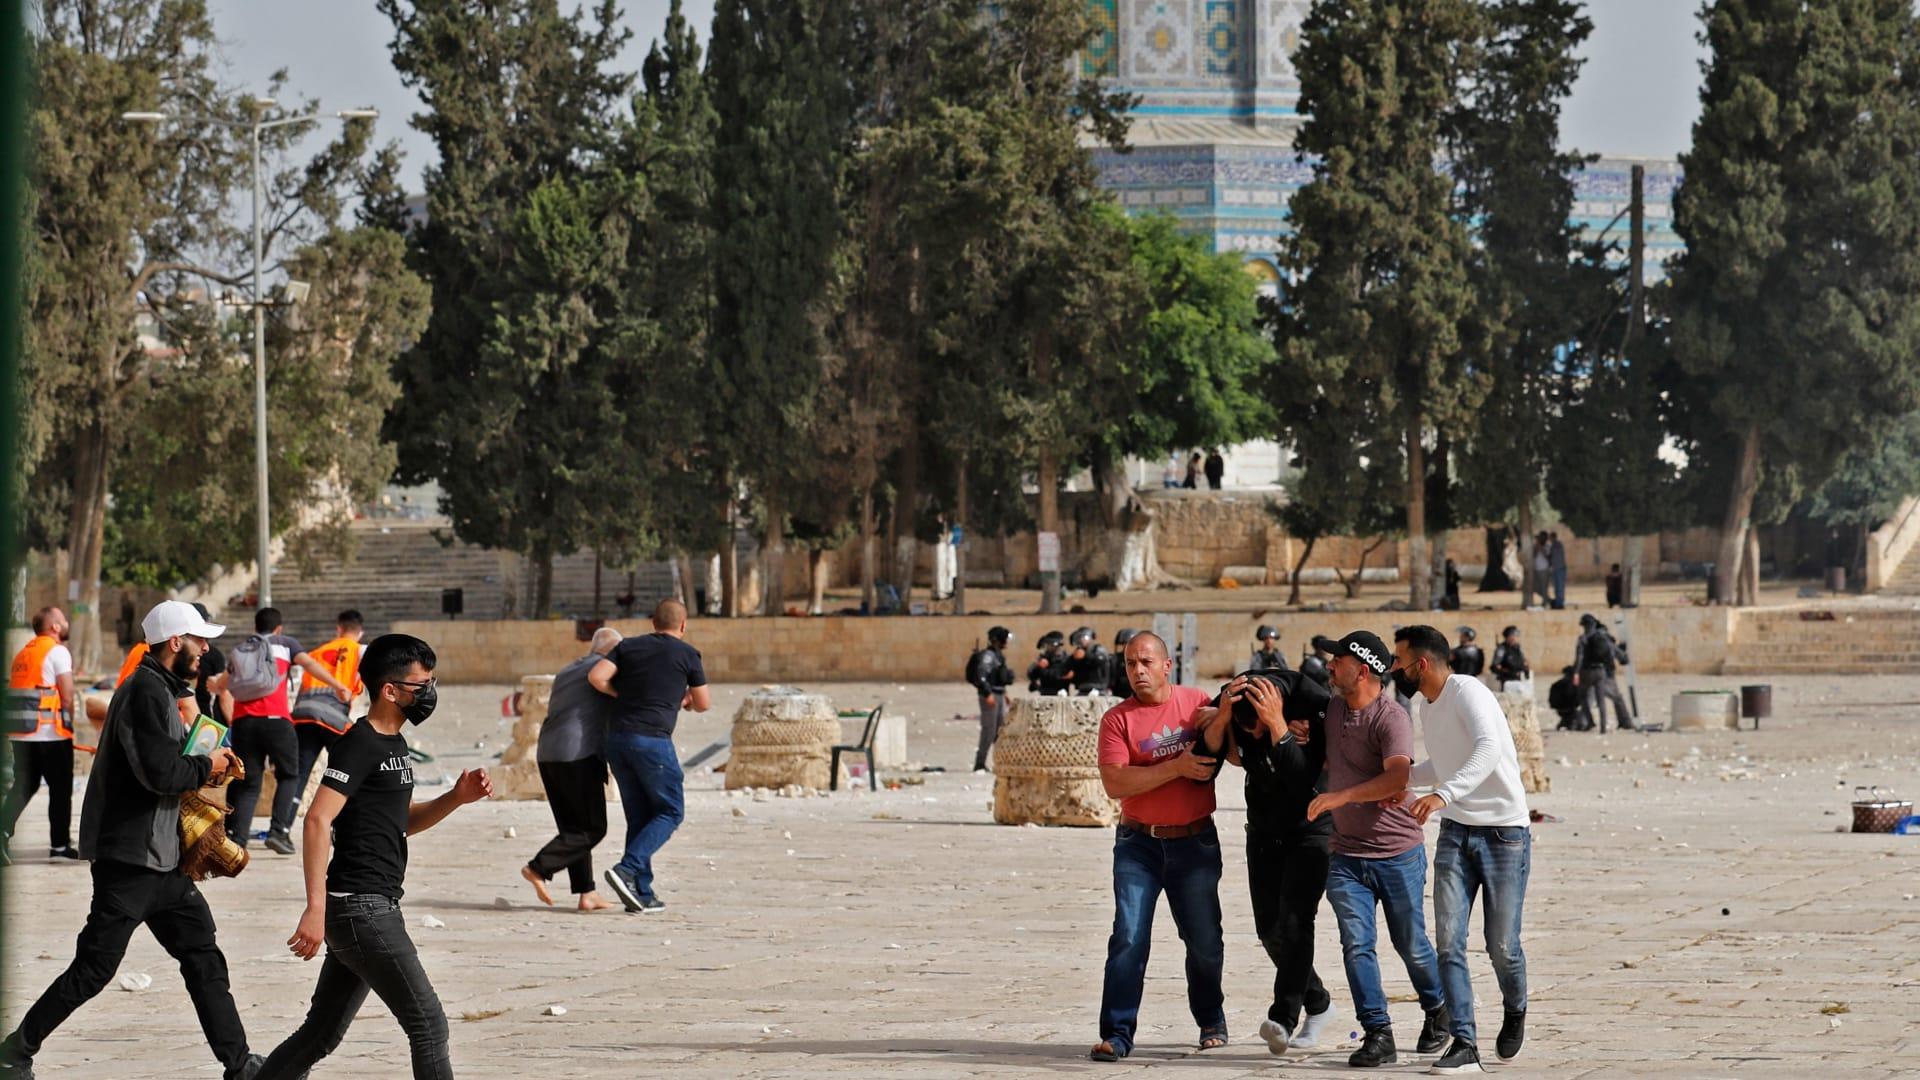 الشرطة الإسرائيلية تغلق الحرم القدسي أمام غير المسلمين اليوم